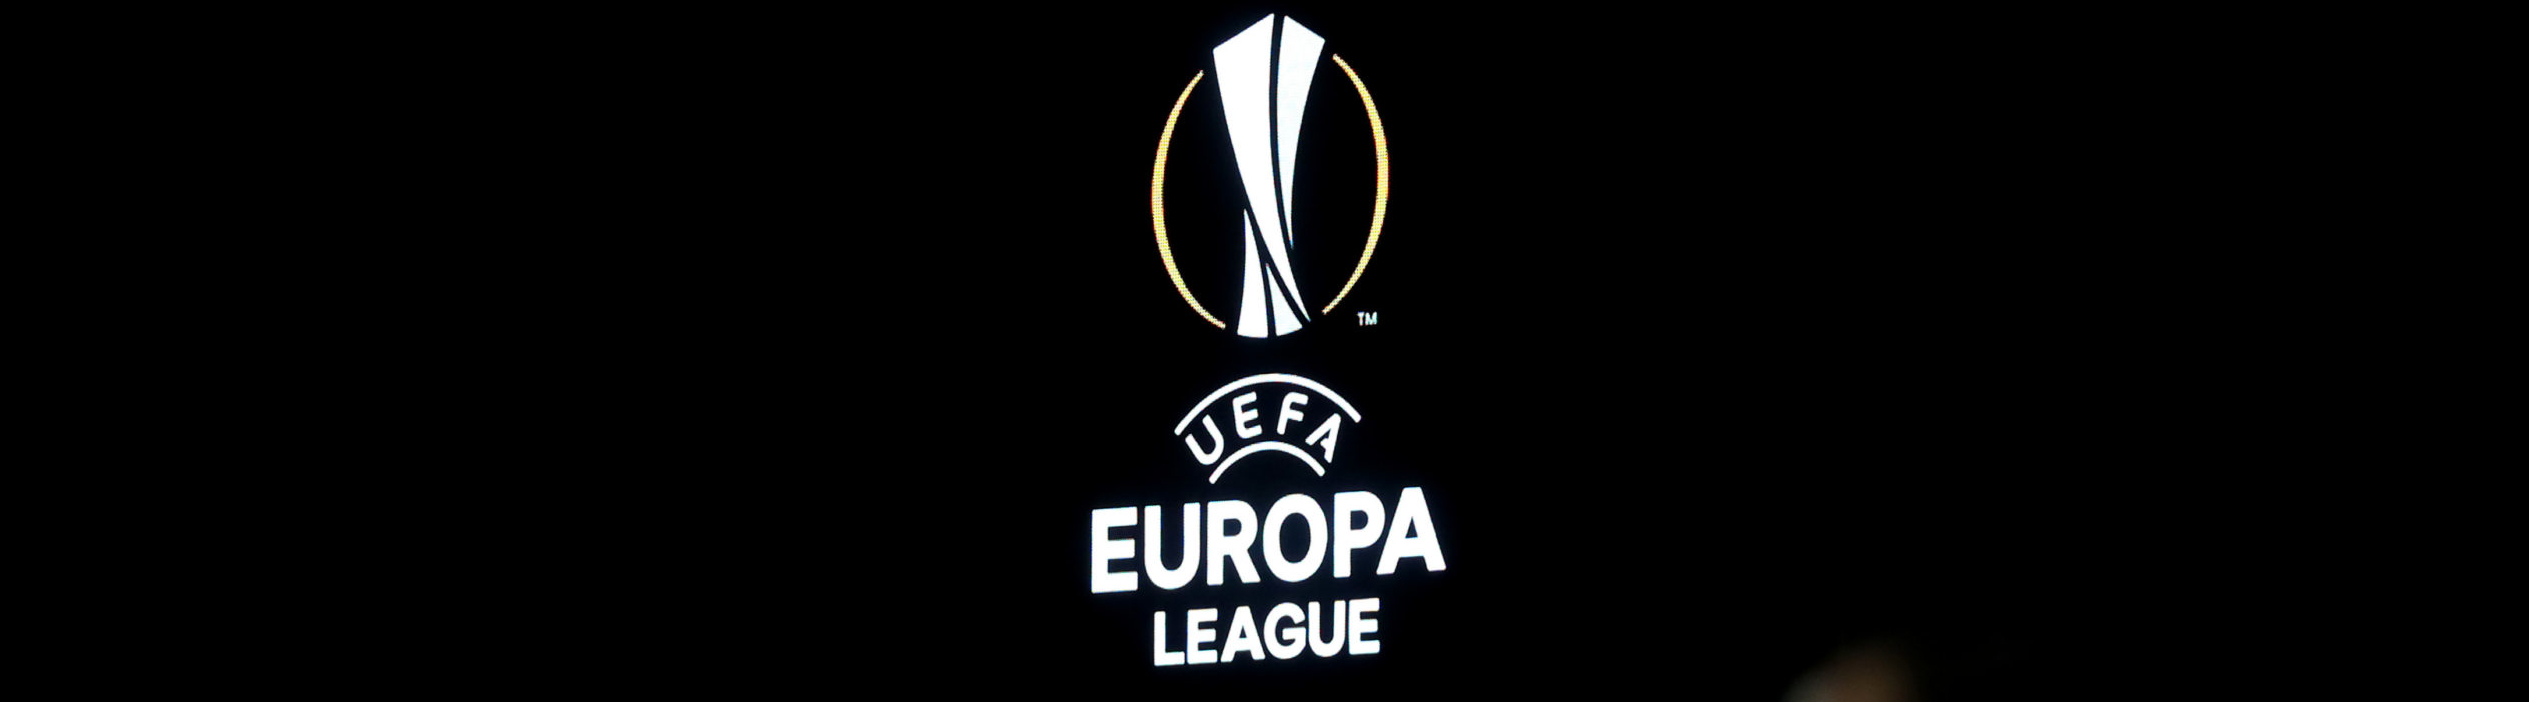 Europa League: dalla E alla H, conosciamo i gruppi e le loro squadre